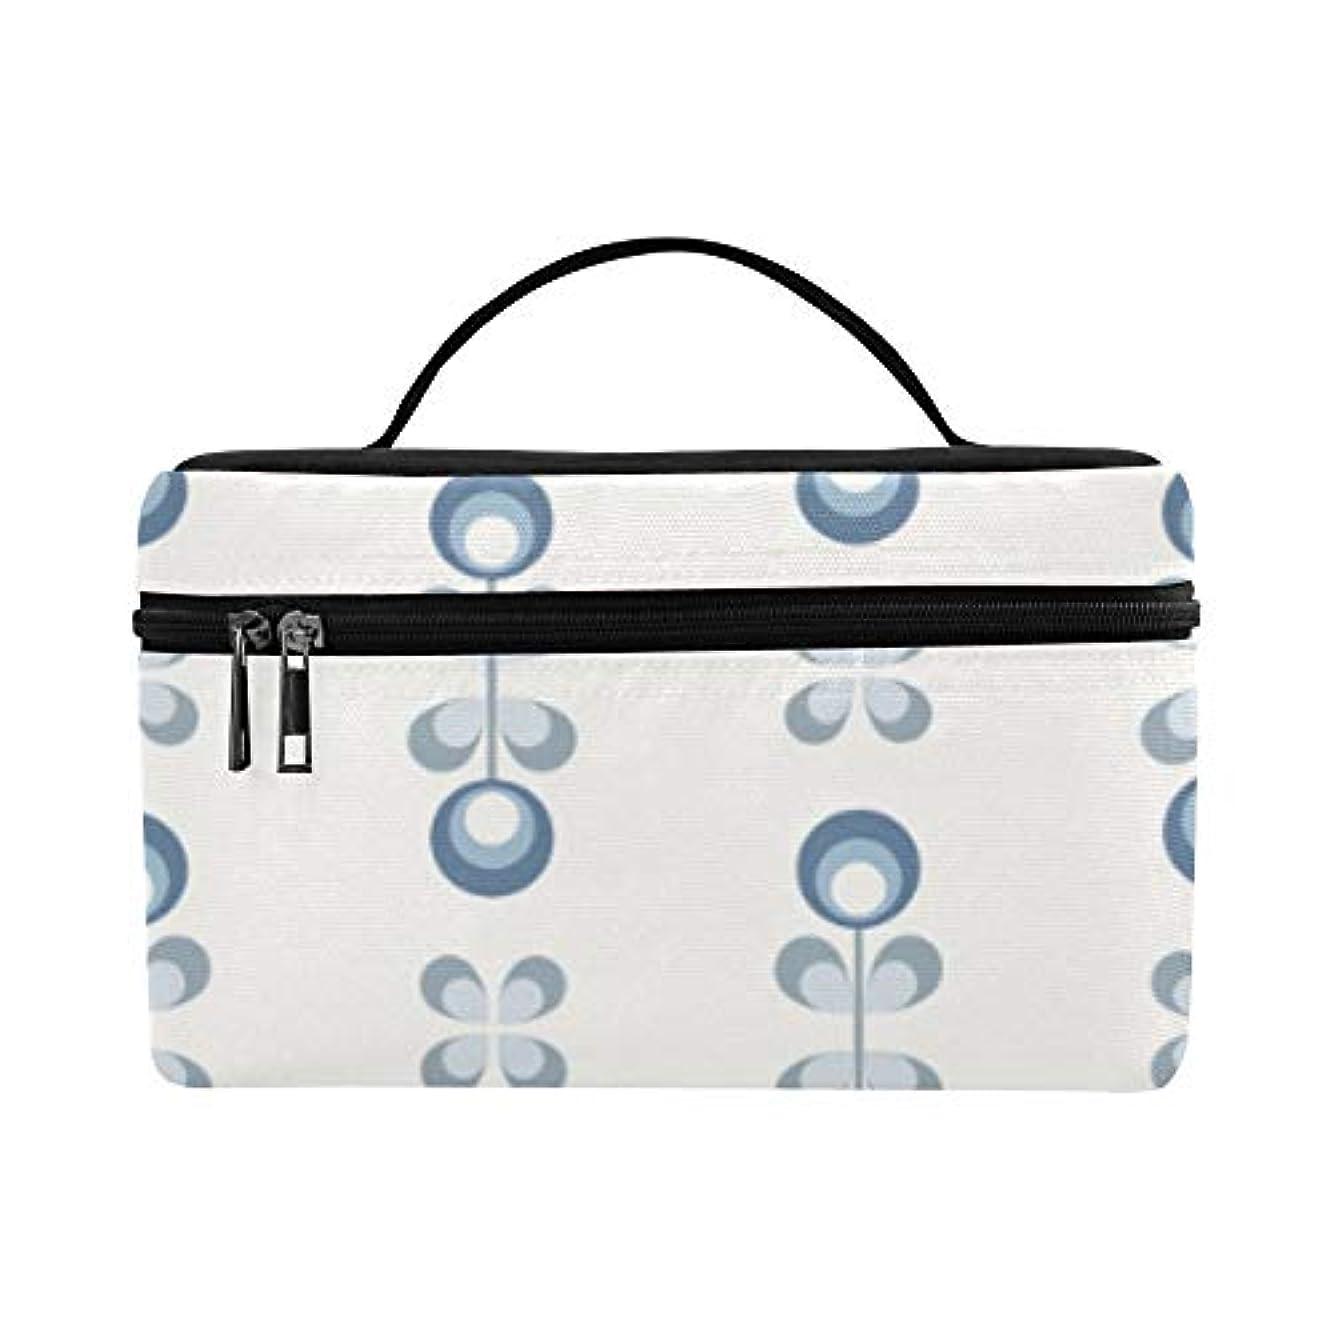 ブラジャー内なるケープXHQZJ メイクボックス グレー 欧米風 コスメ収納 化粧品収納ケース 大容量 収納ボックス 化粧品入れ 化粧バッグ 旅行用 メイクブラシバッグ 化粧箱 持ち運び便利 プロ用